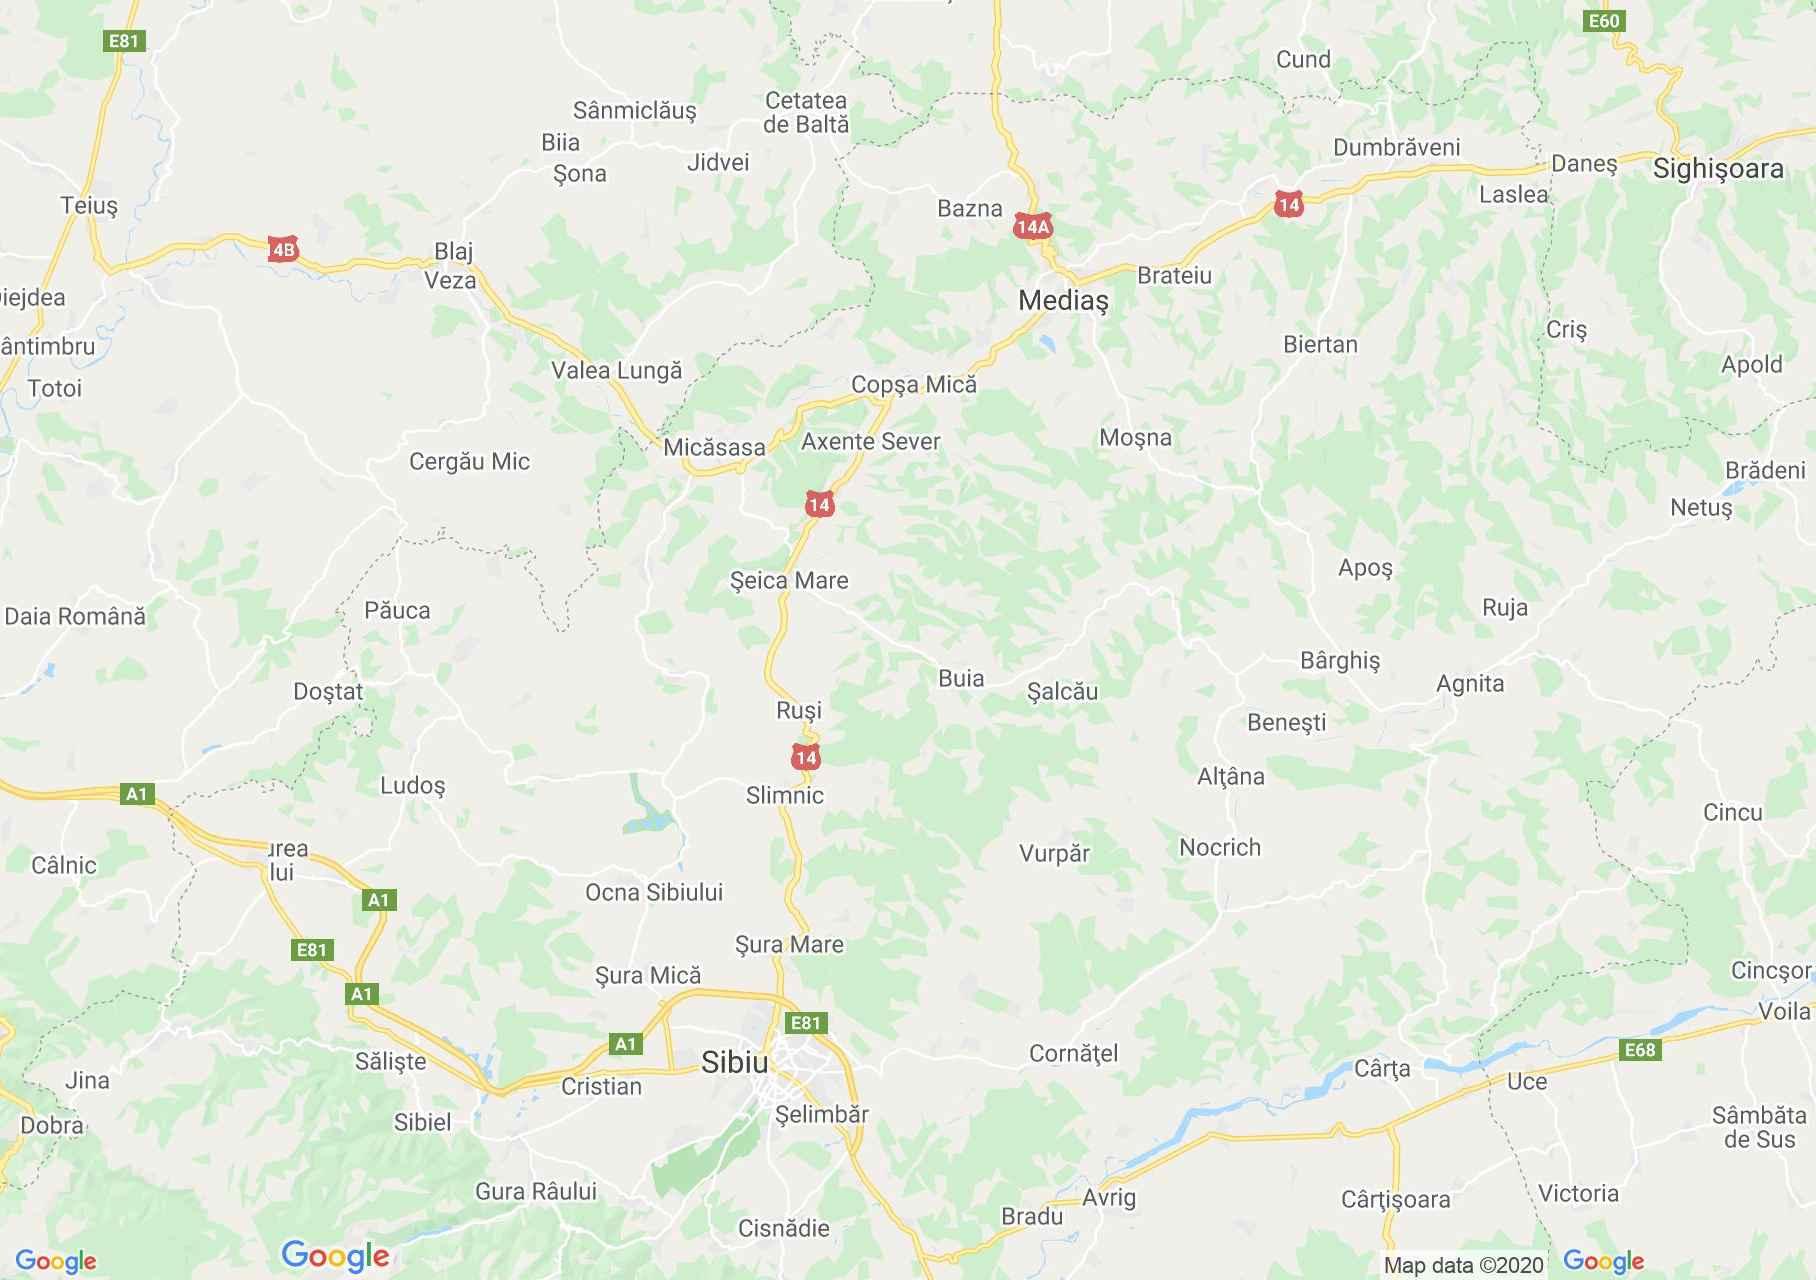 Sibiu-Mediaş area, Interactive tourist map